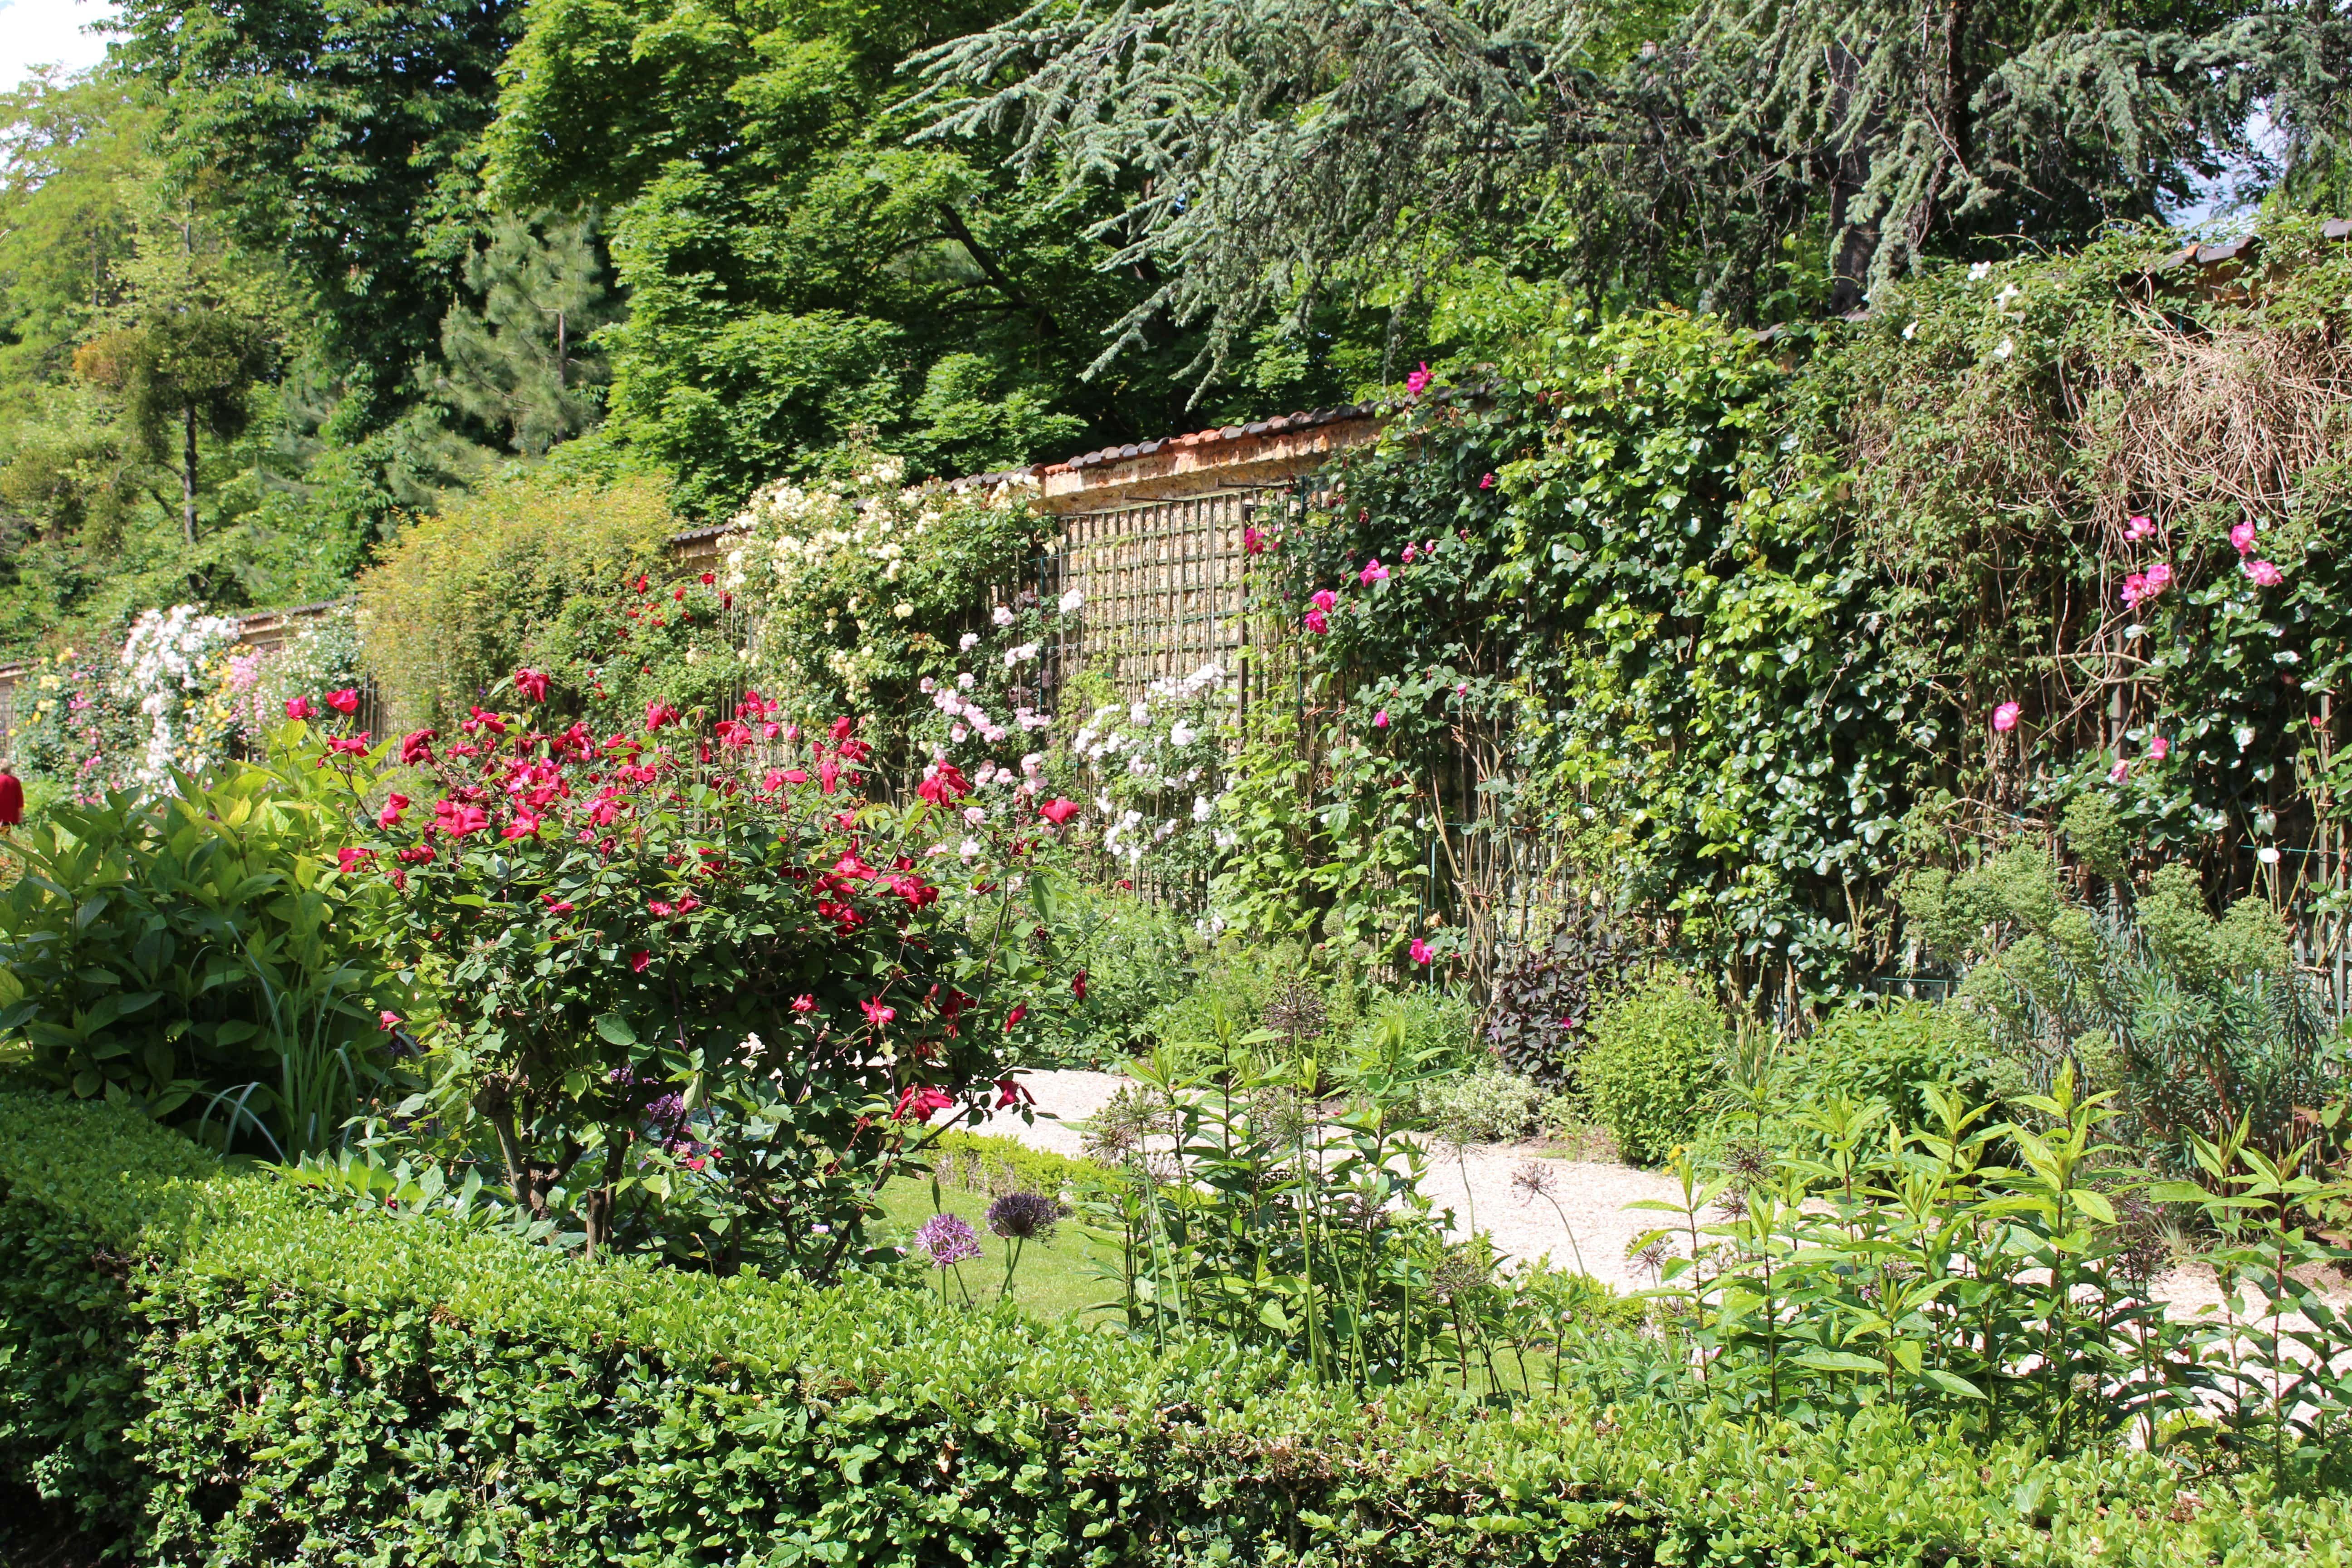 La Roseraie Grimpante Des Jardins De Bagatelle Desespoir Du Singe Entree Du Jardin Jardins